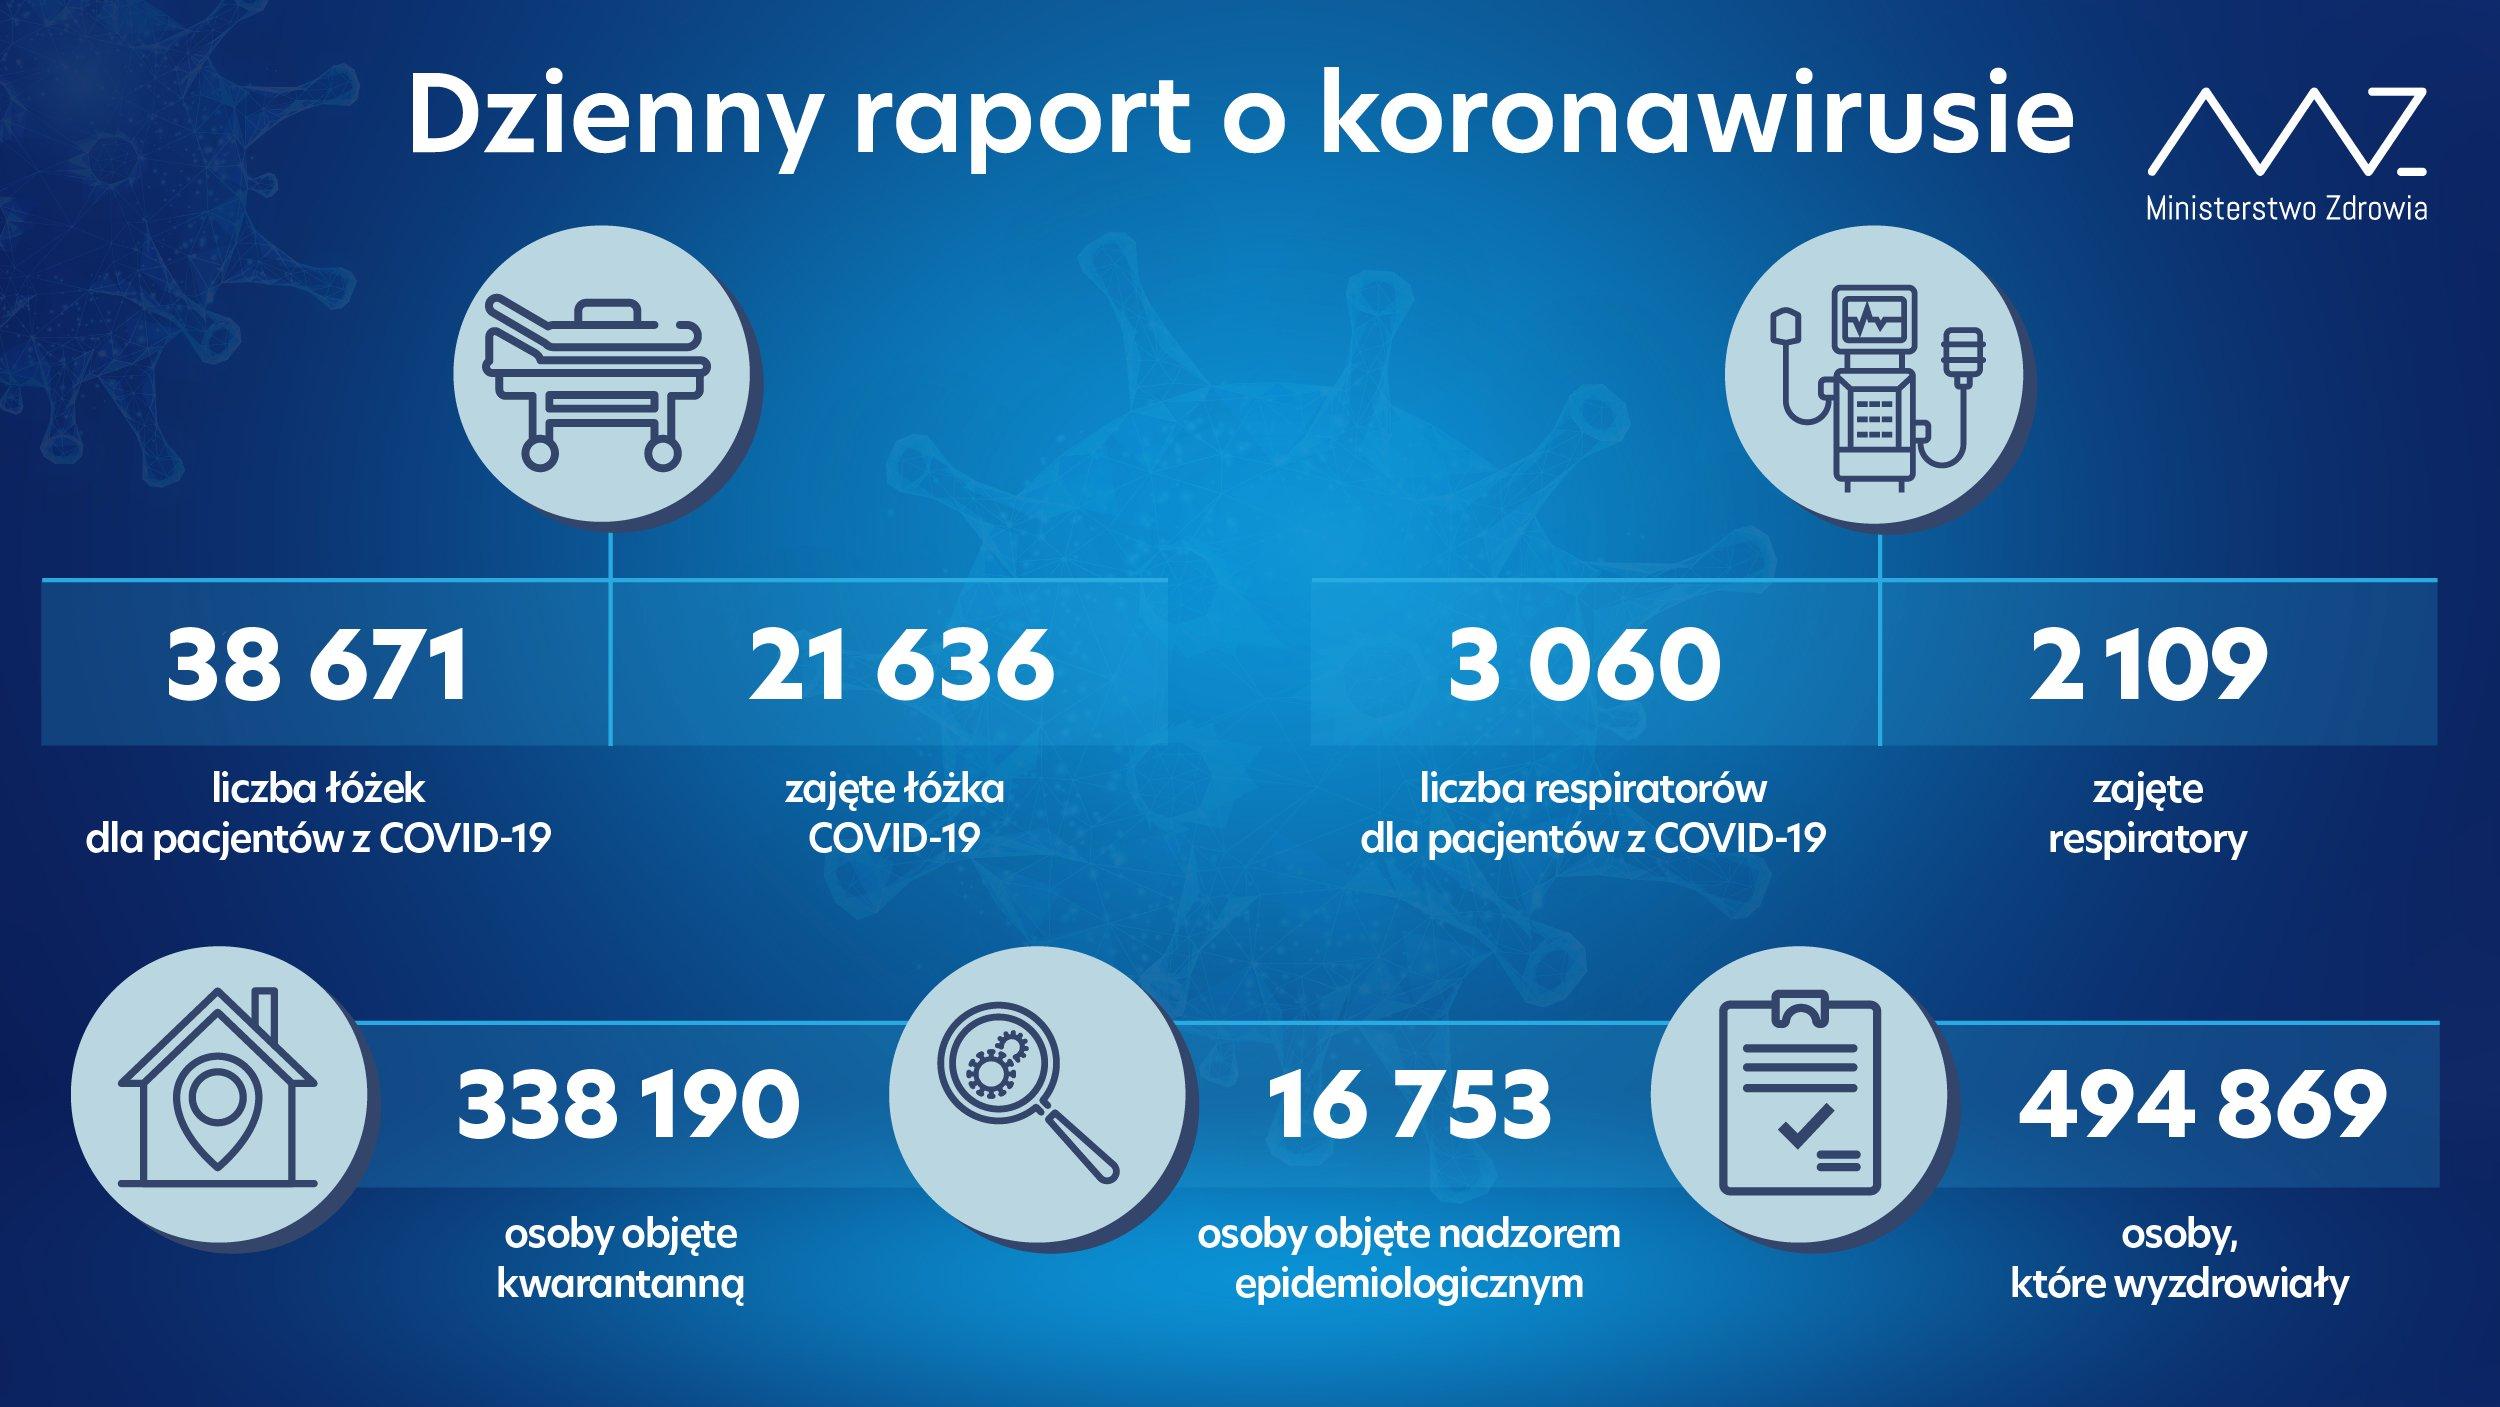 - liczba łóżek dla pacjentów z COVID-19: 38 671  - liczba łóżek zajętych: 21 636  - liczba respiratorów dla pacjentów z COVID-19: 3 060 - liczba zajętych respiratorów: 2 109  - liczba osób objętych kwarantanną: 338 190 - liczba osób objętych nadzorem sanitarno-epidemiologicznym: 16 753 - liczba osób, które wyzdrowiały: 494 869